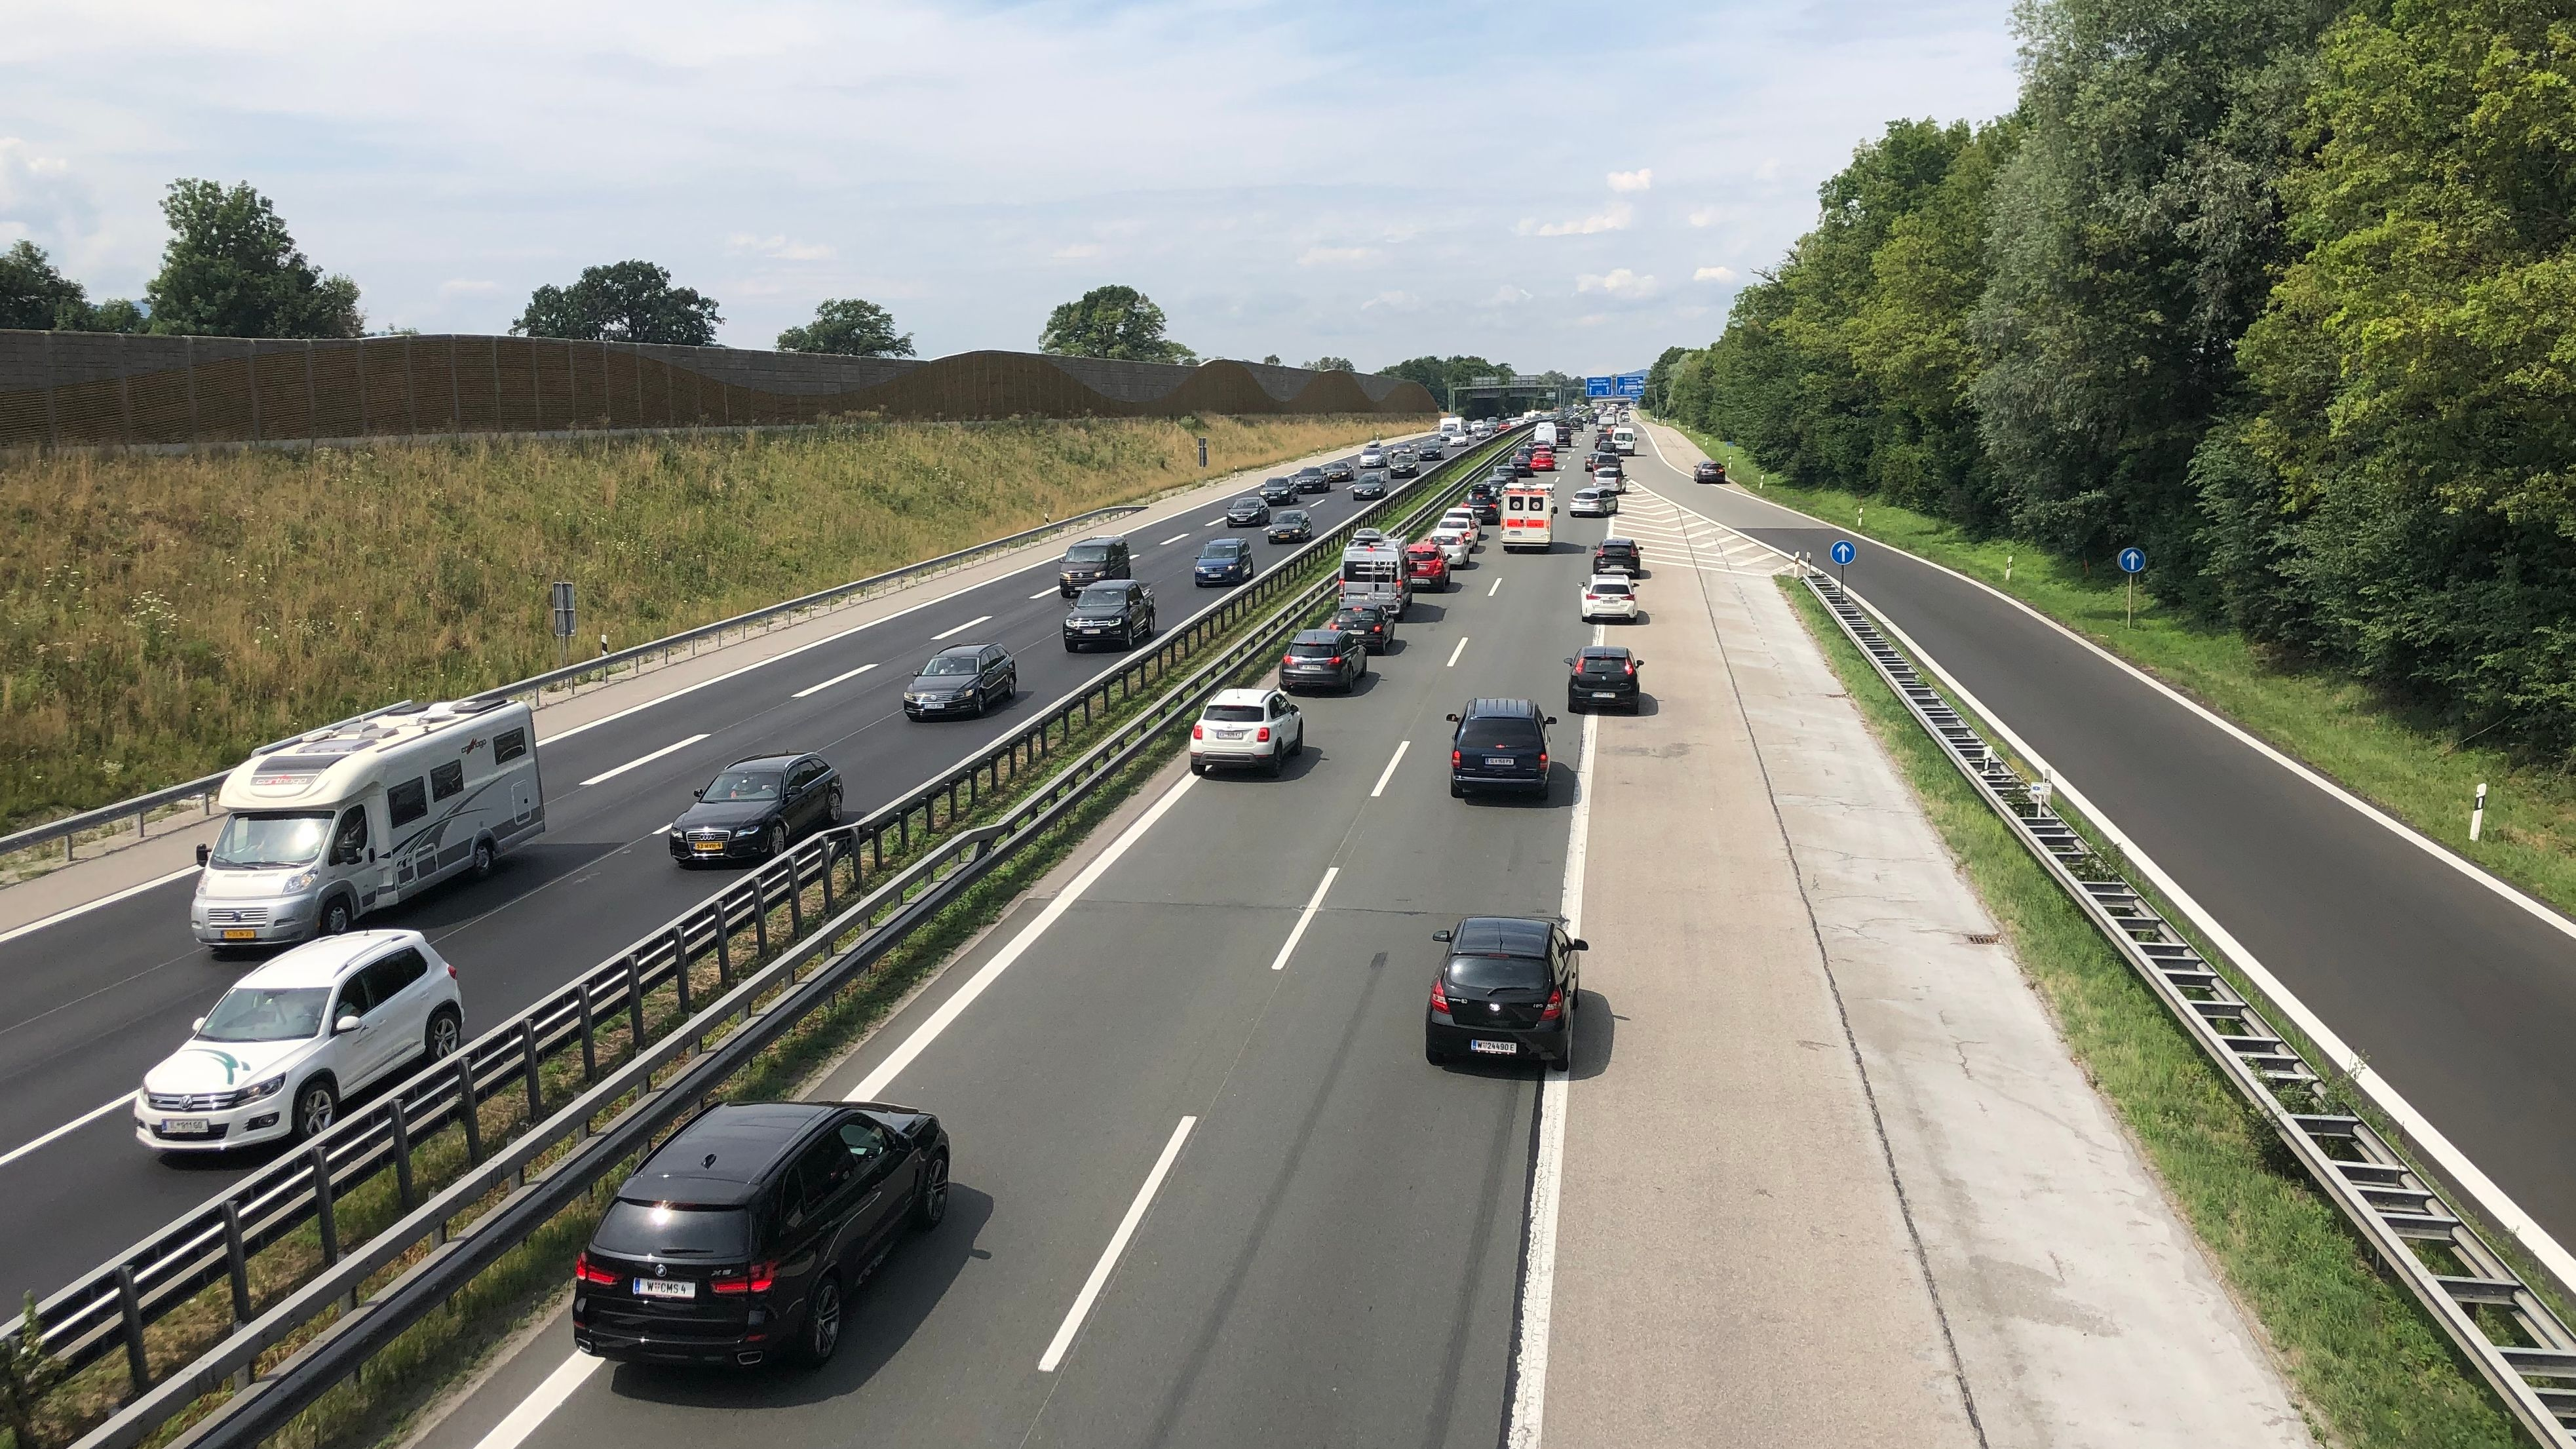 Der Reiseverkehr schiebt sich zähl über die A8 Richtung Süden am 27.07.2019